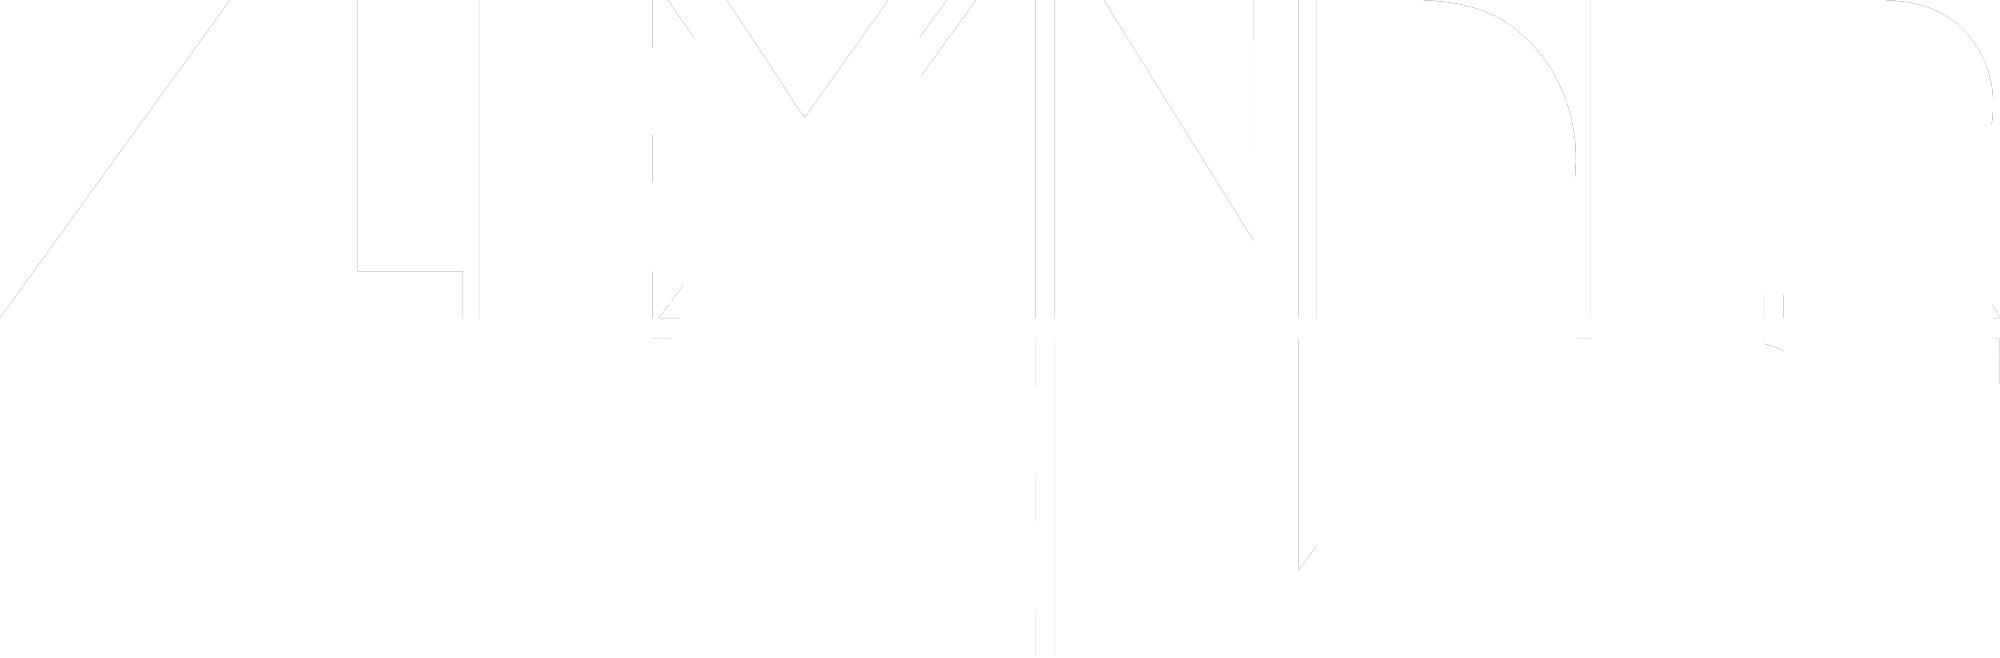 alexanderstewart-6-white